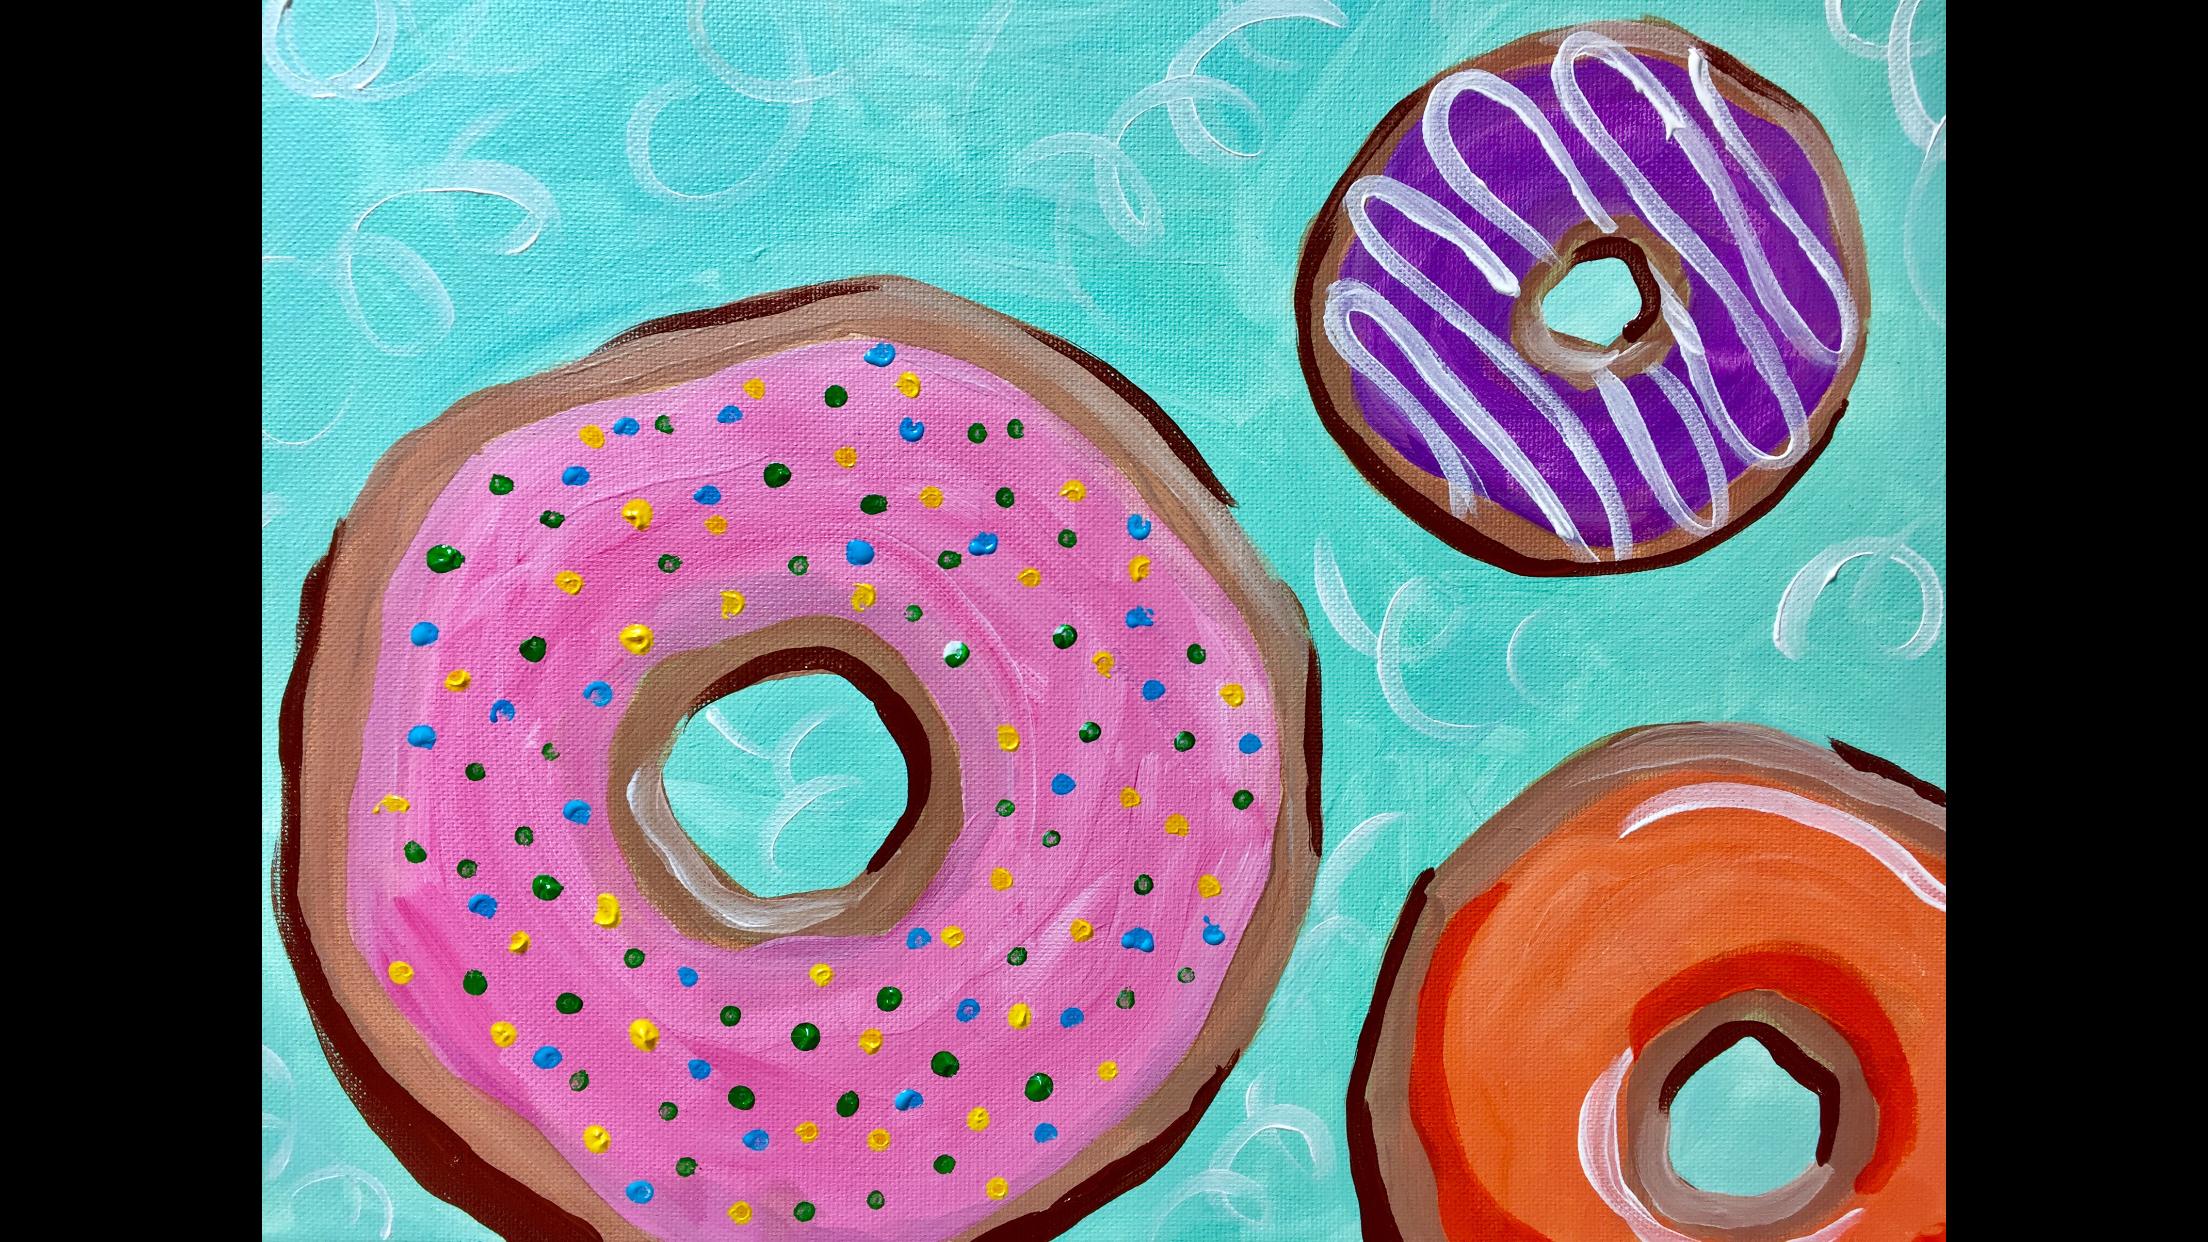 Design A Donut